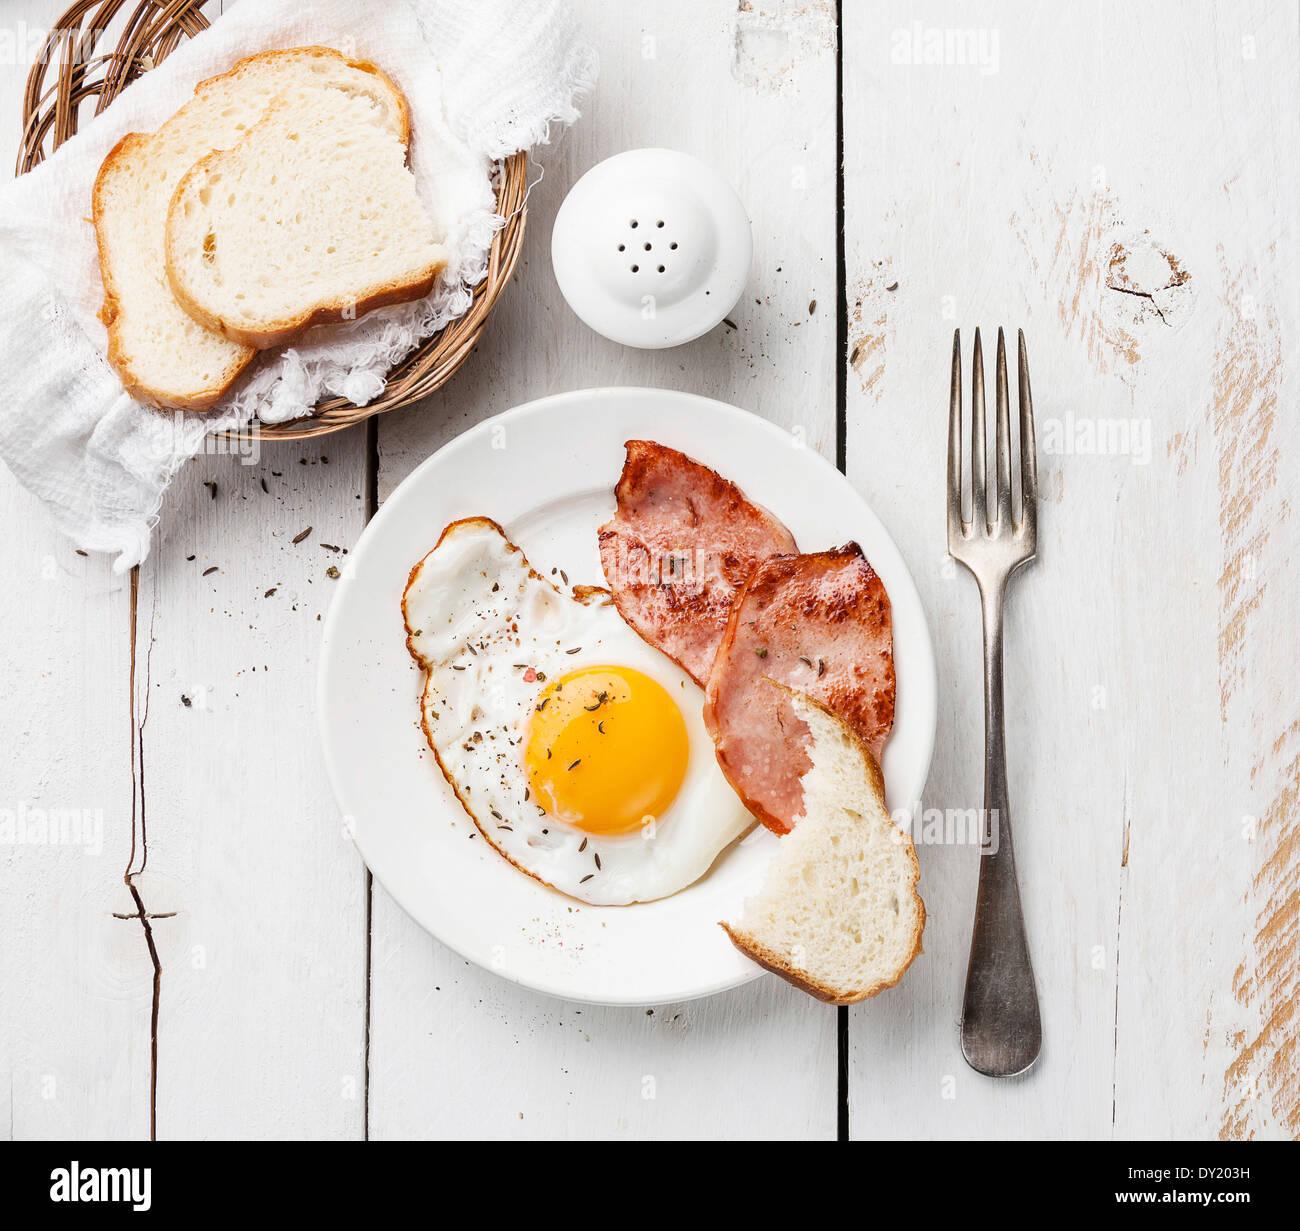 Uovo fritto con salsicce alla griglia per la prima colazione Immagini Stock